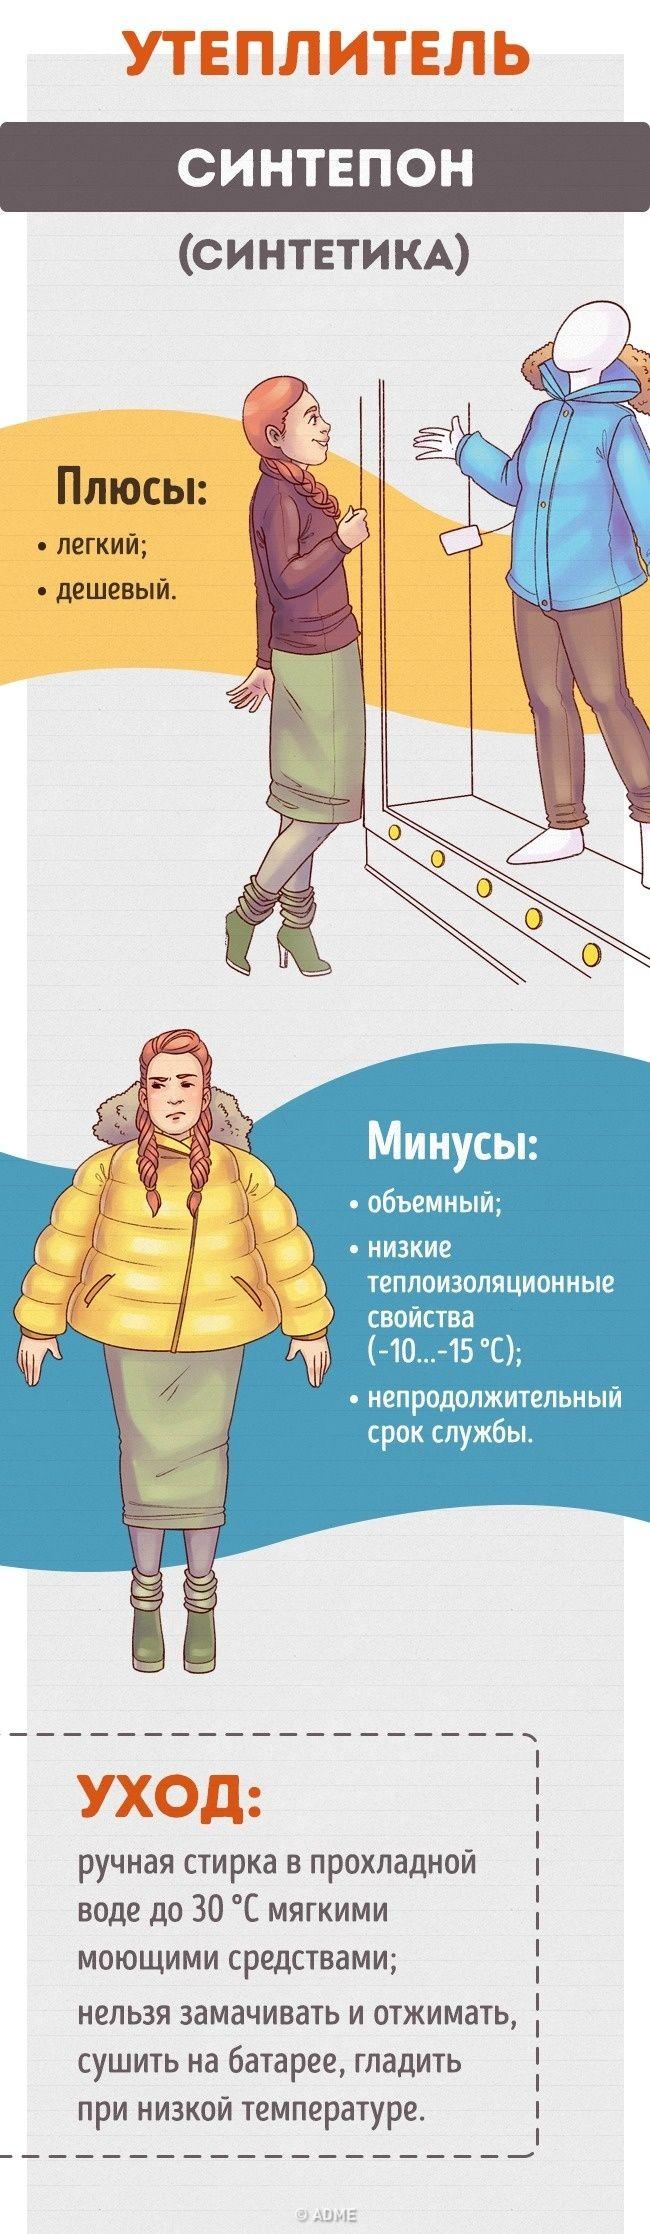 Никакие морозы незаставят вас сидеть дома, если увас есть теплая иудобная куртка. Ведь зима— это время праздников, подвижных игр иразвлечений насвежем морозном воздухе. AdMe.ru делится советами, начто обратить внимание при выборе зимней куртки.